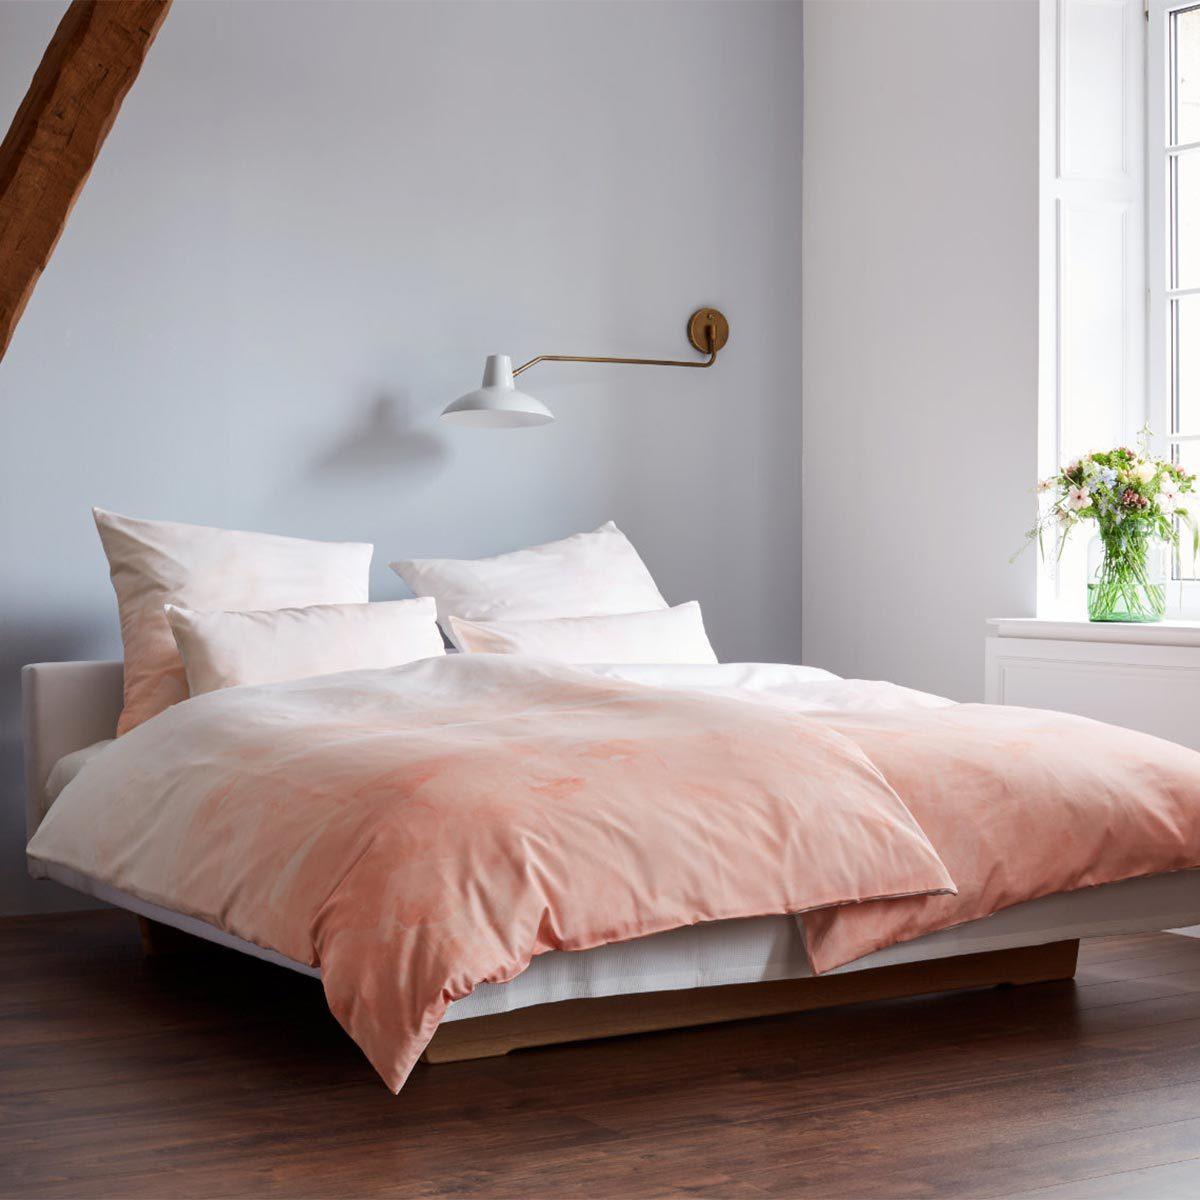 Quarz Bettwäsche Garnituren Online Kaufen Möbel Suchmaschine